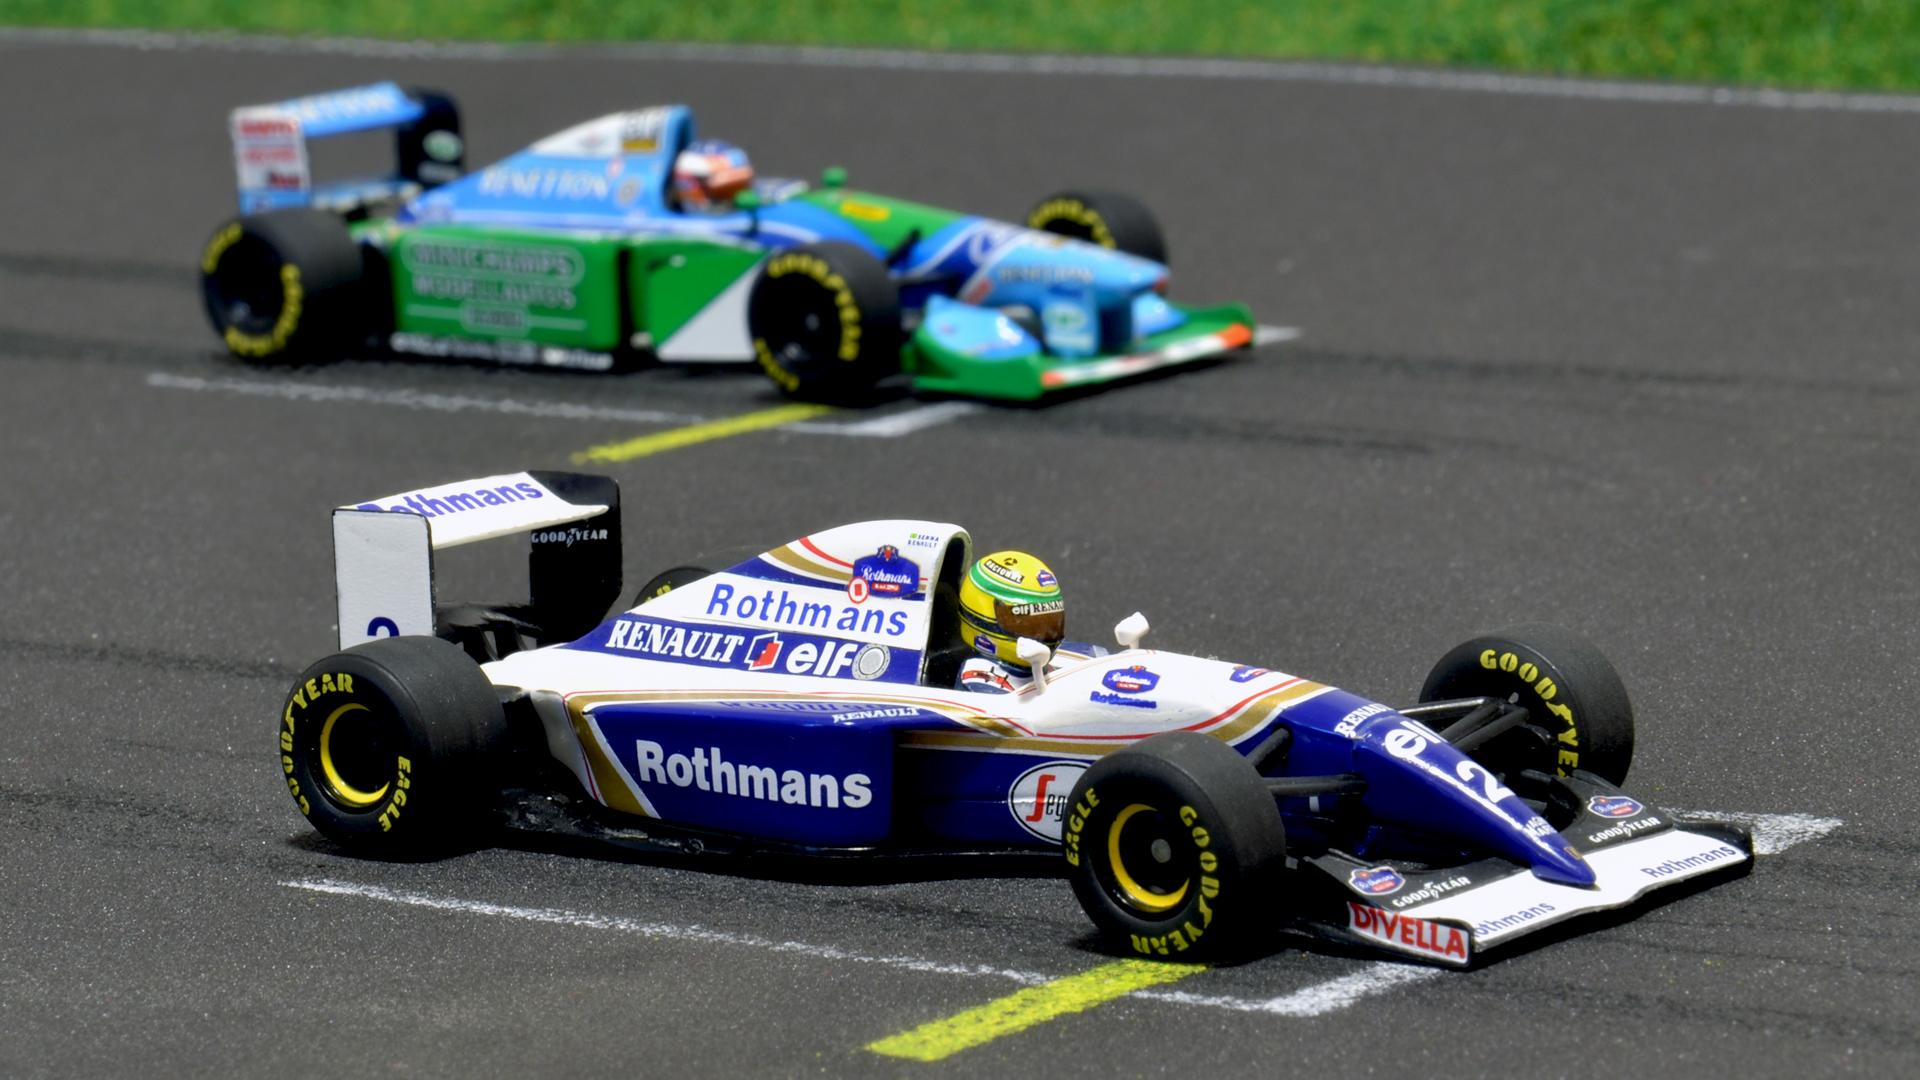 Igen, múltkor is Schumacher B194-ese volt a képen a Williams FW16 mellett, de most már így alakult.